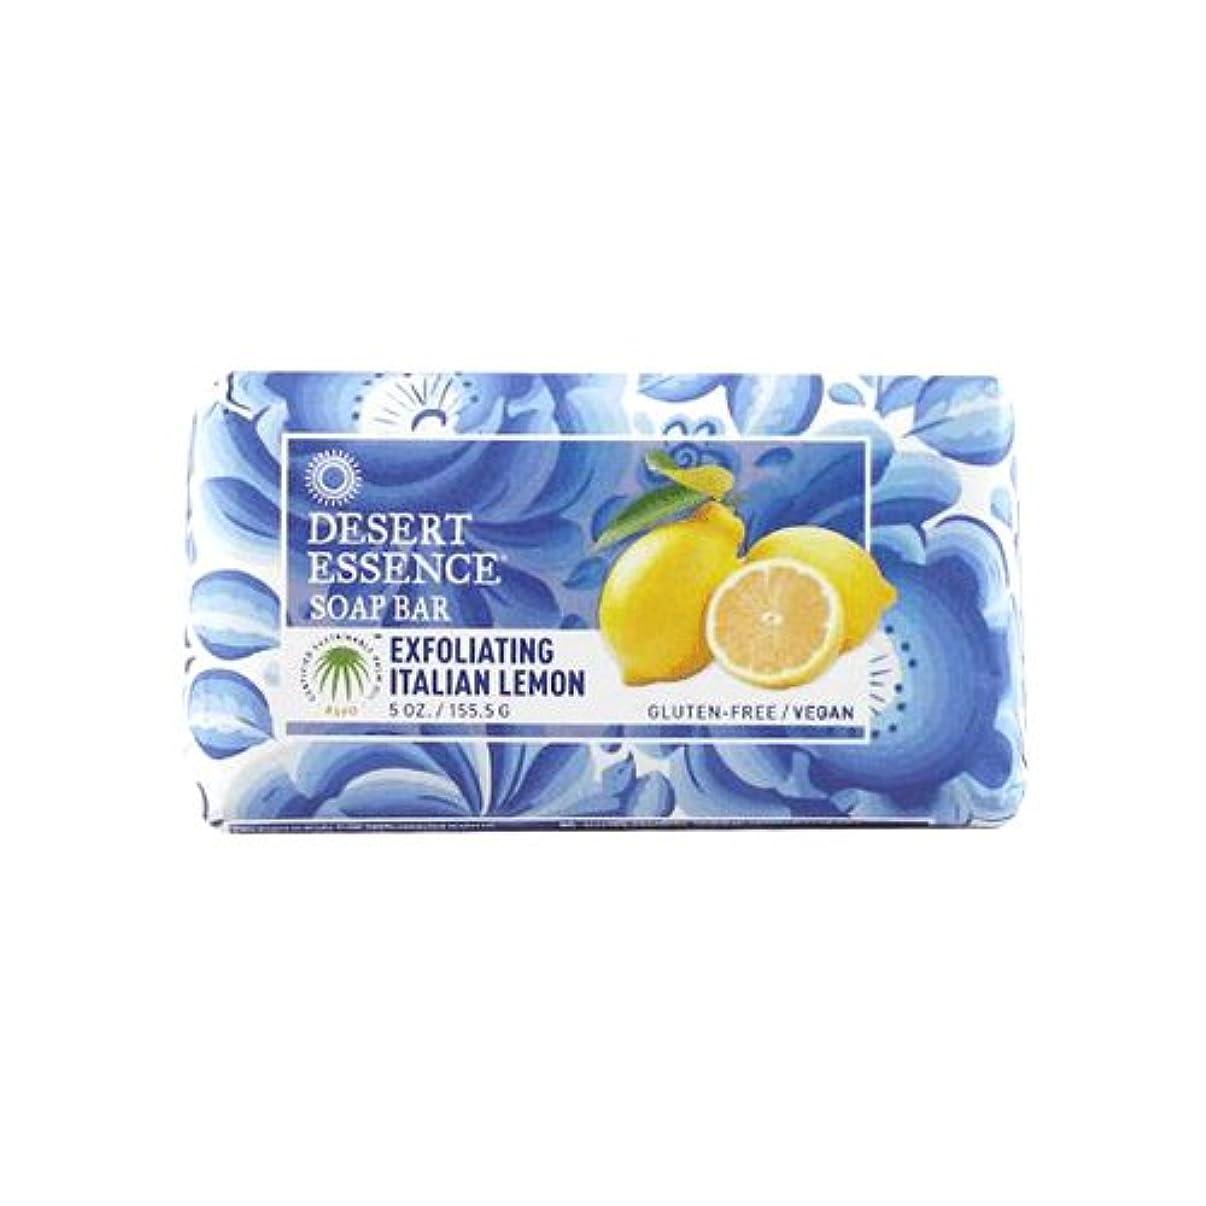 に付ける今晩費やすDesert Essence Bar Soap - Exfoliating Italian Lemon - 5 oz